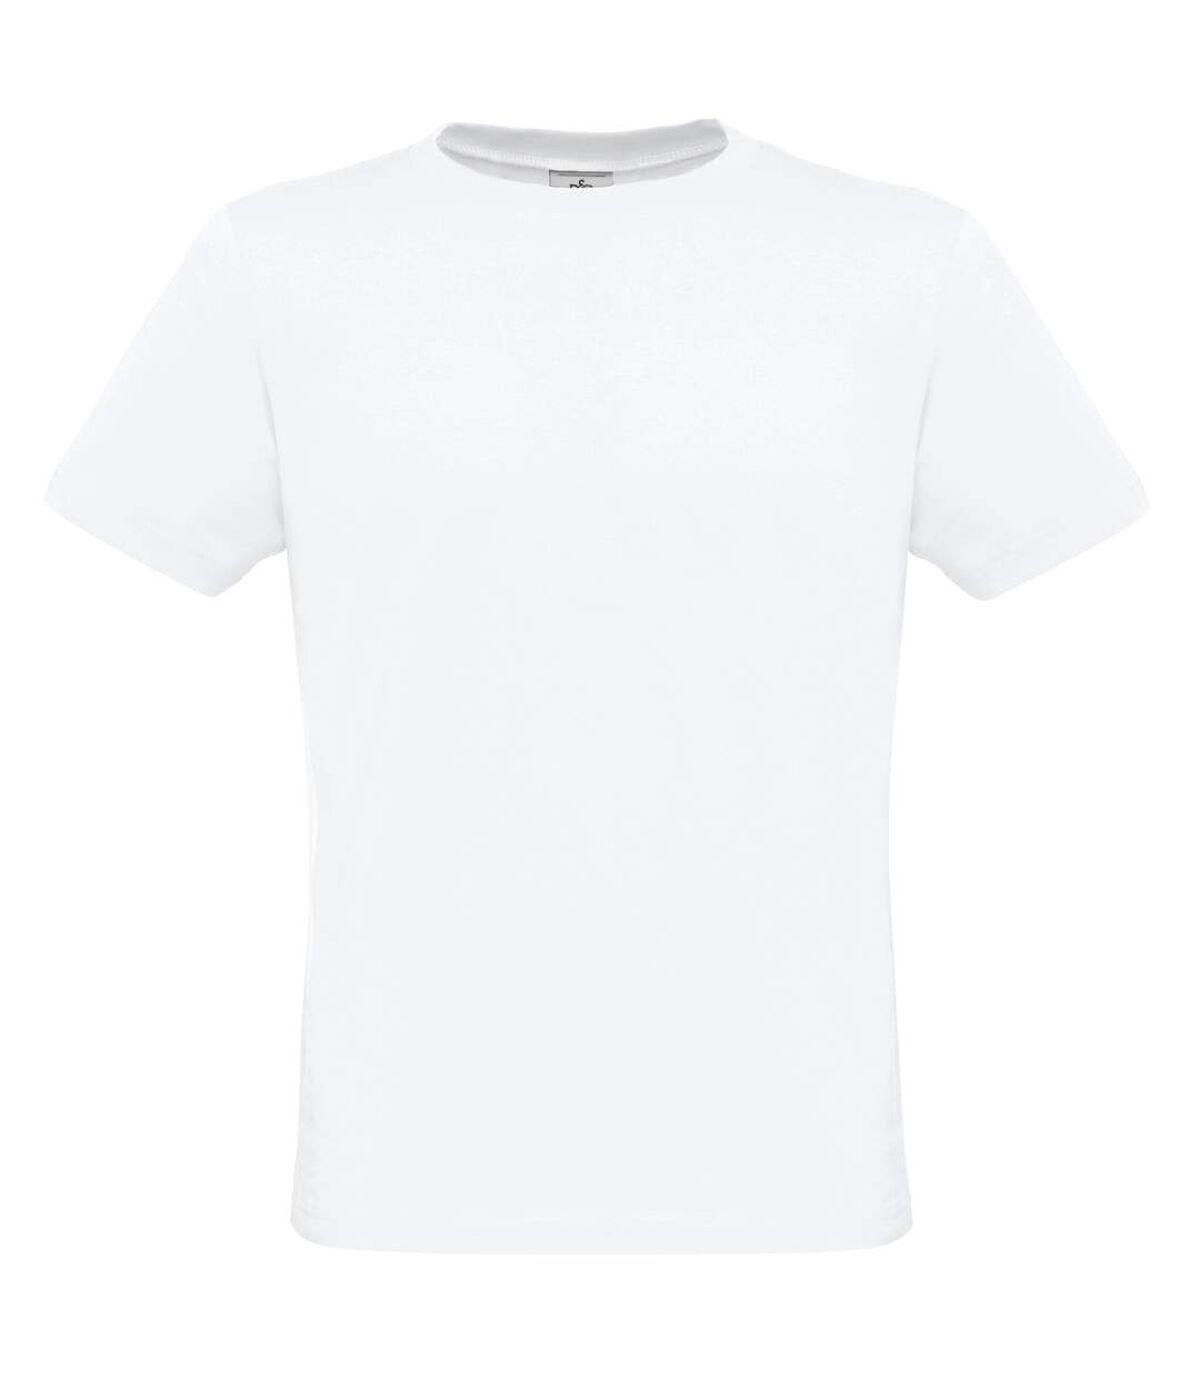 B&C Mens Crew Neck Short Sleeve T-Shirt (White) - UTRW3013